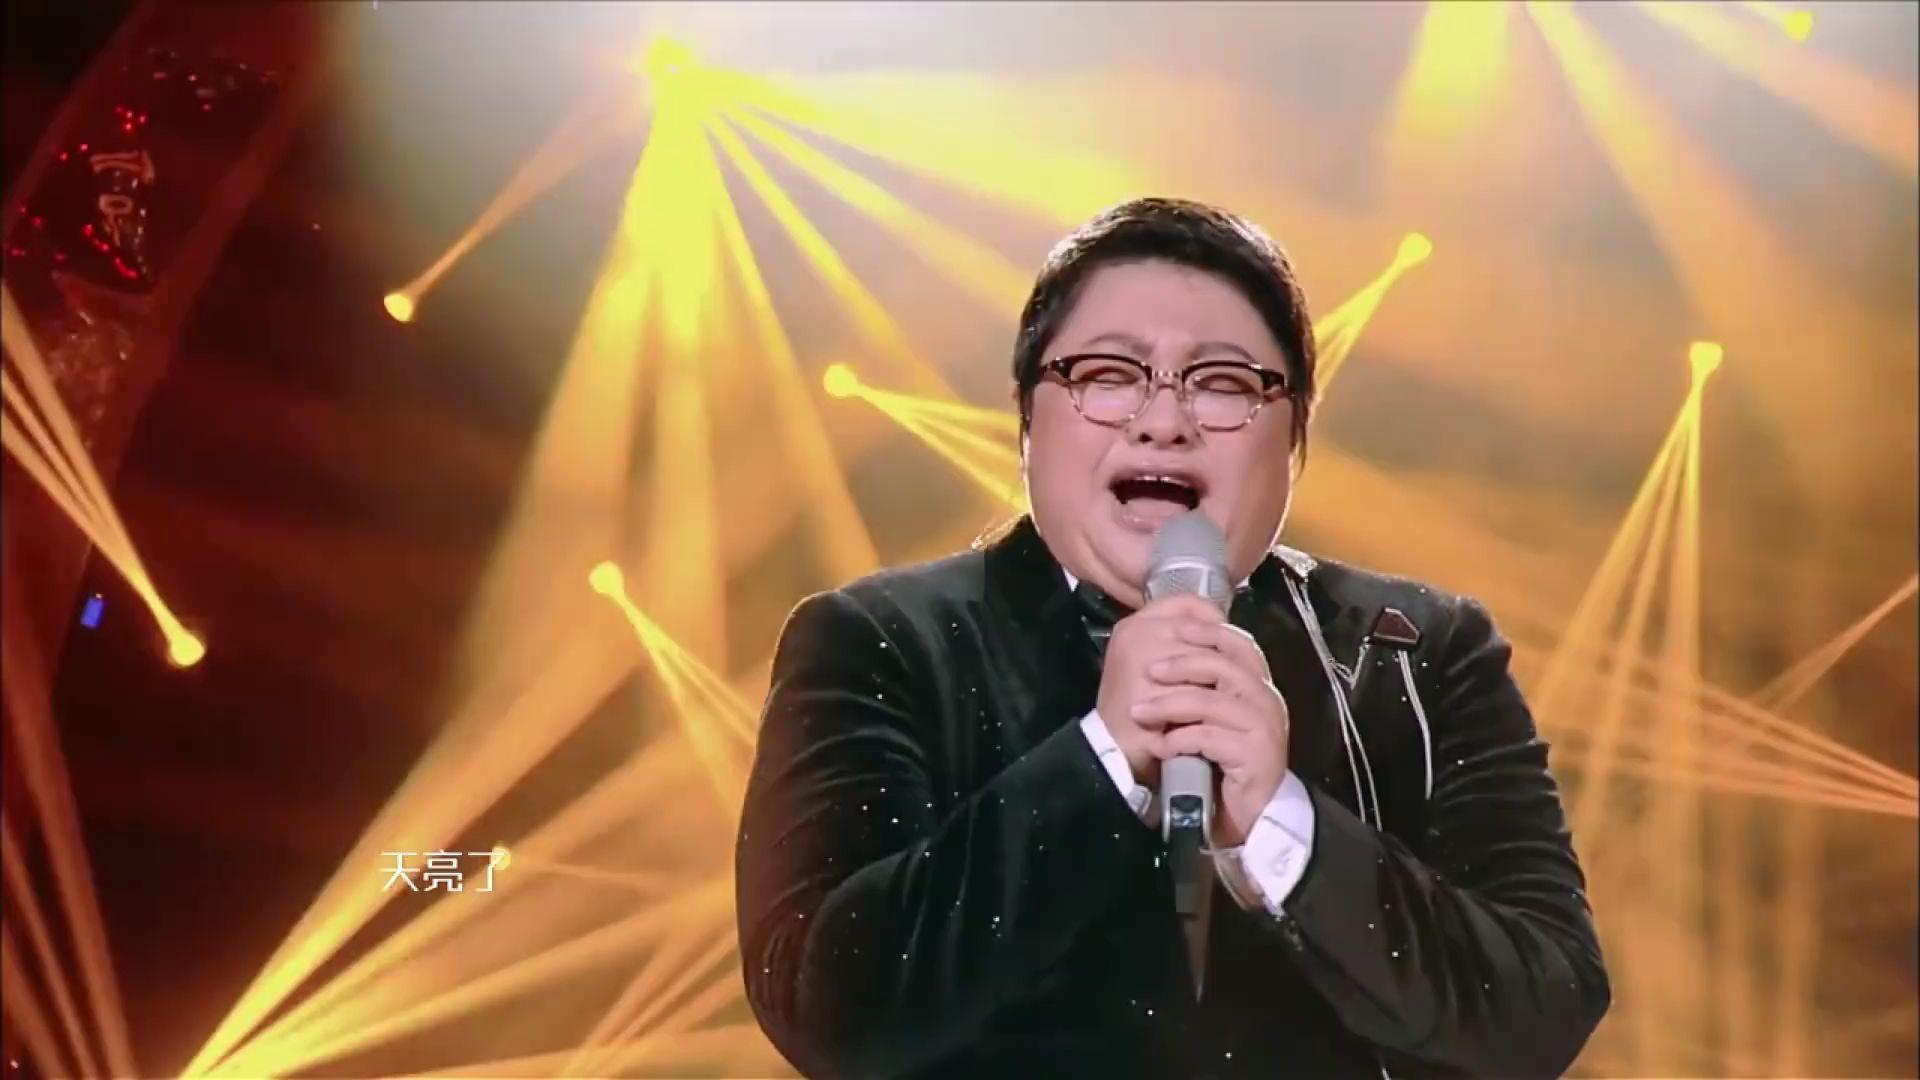 韩红演绎live版《天亮了》,顶级唱功,催人泪下